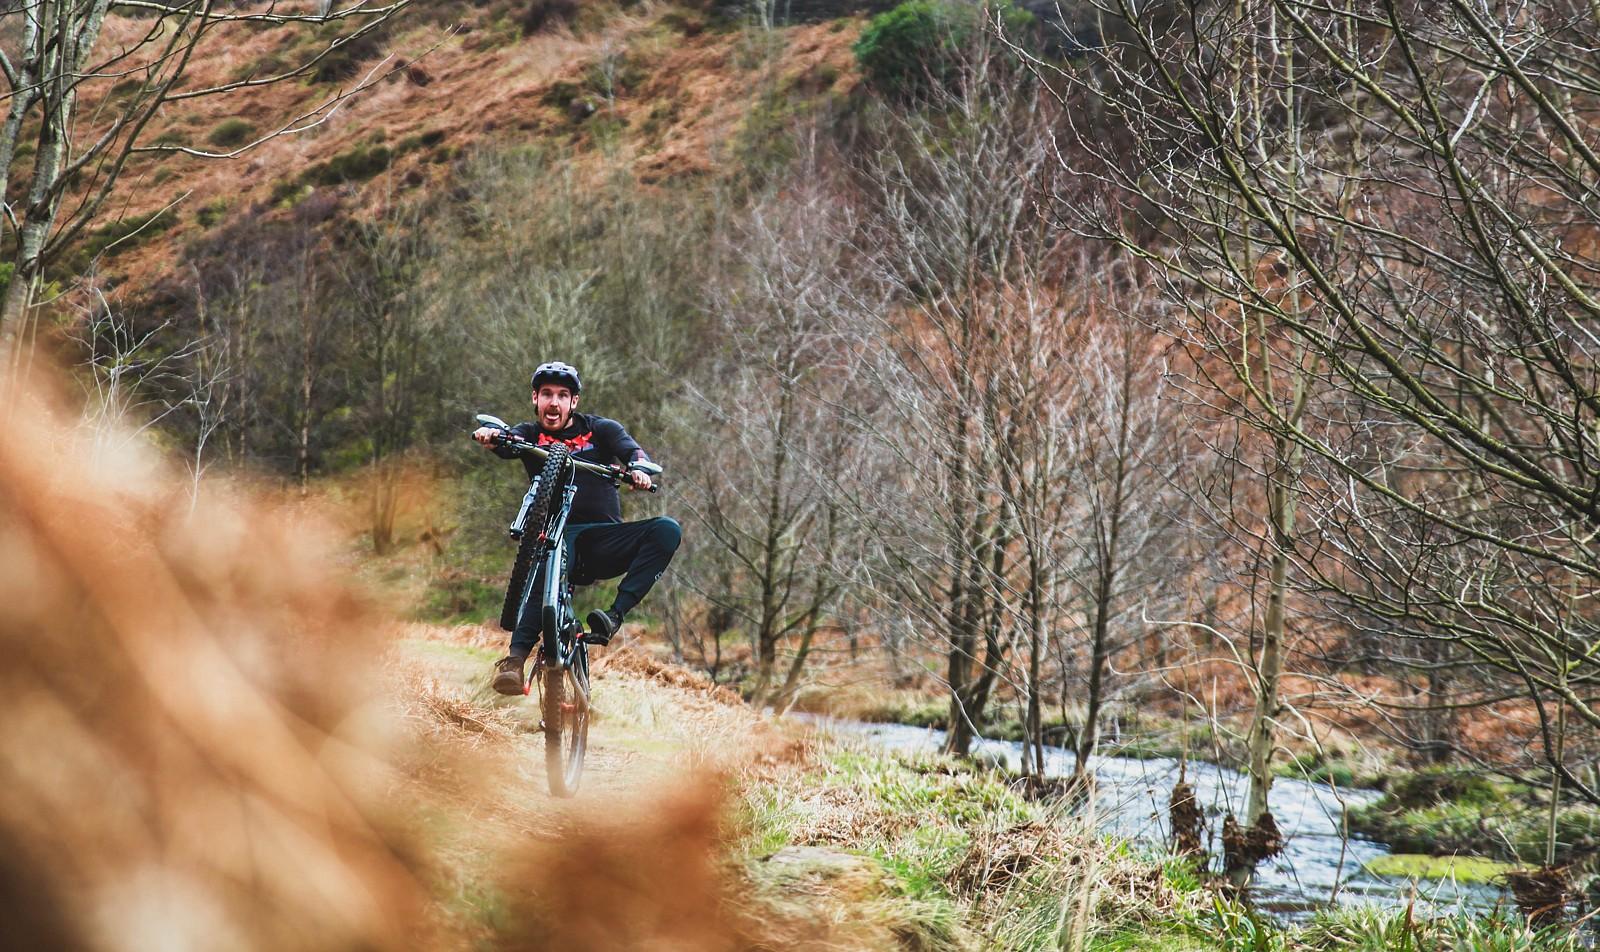 IMG 0533 - Mushrum - Mountain Biking Pictures - Vital MTB